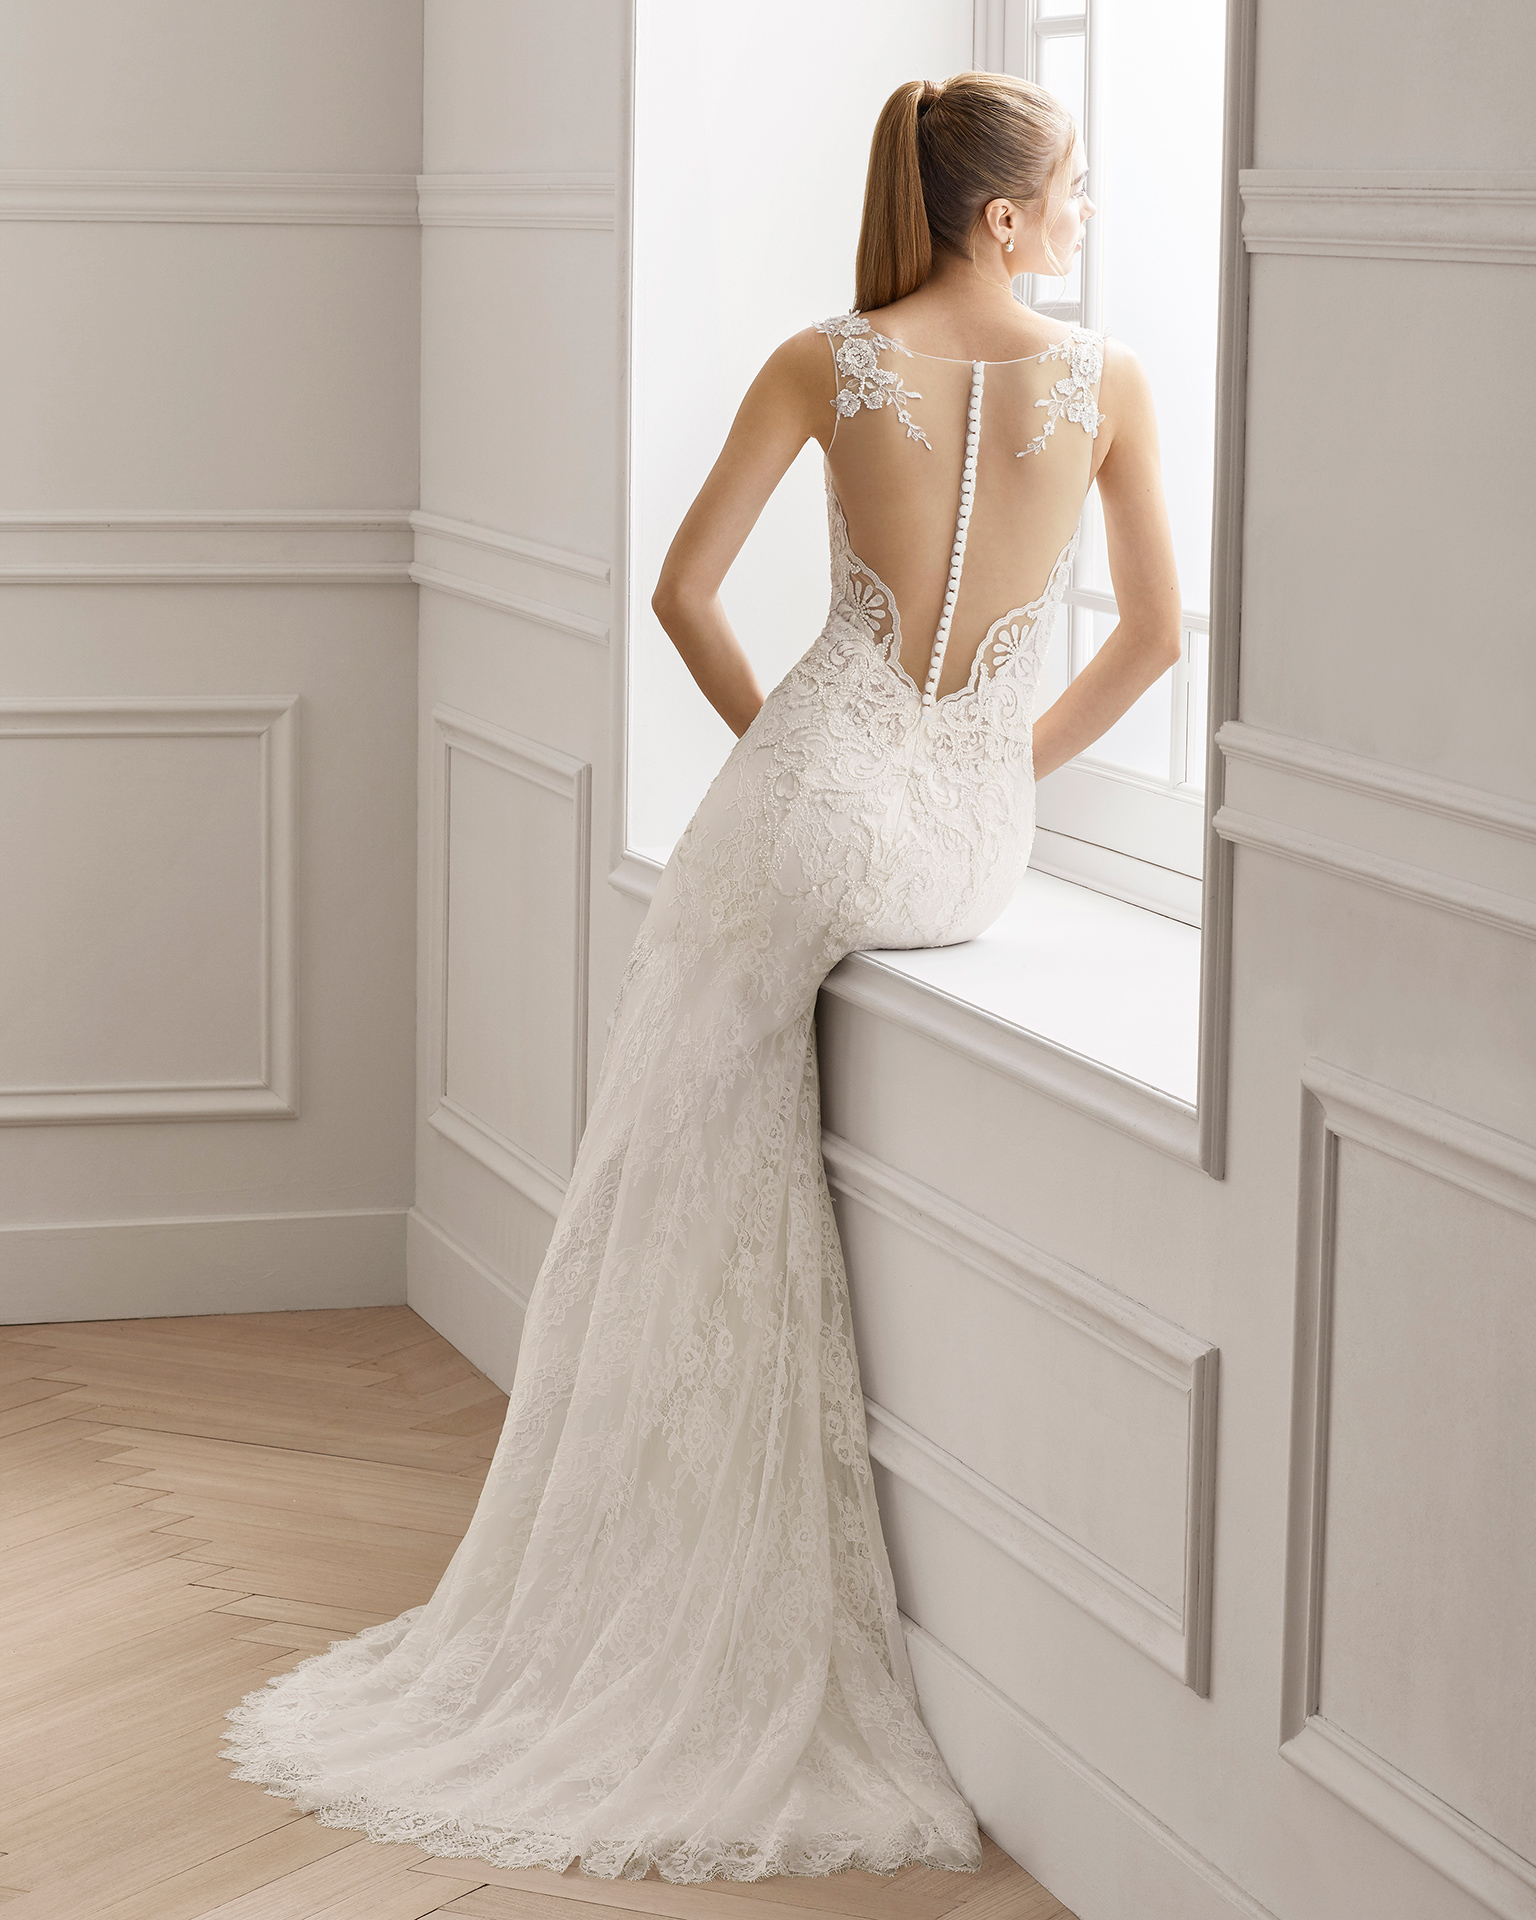 Vestido de novia corte recto en crepe y encaje pedrería. Escote deep-plunge y espalda ilusión. Disponible en color natural. Colección AIRE BARCELONA 2019.